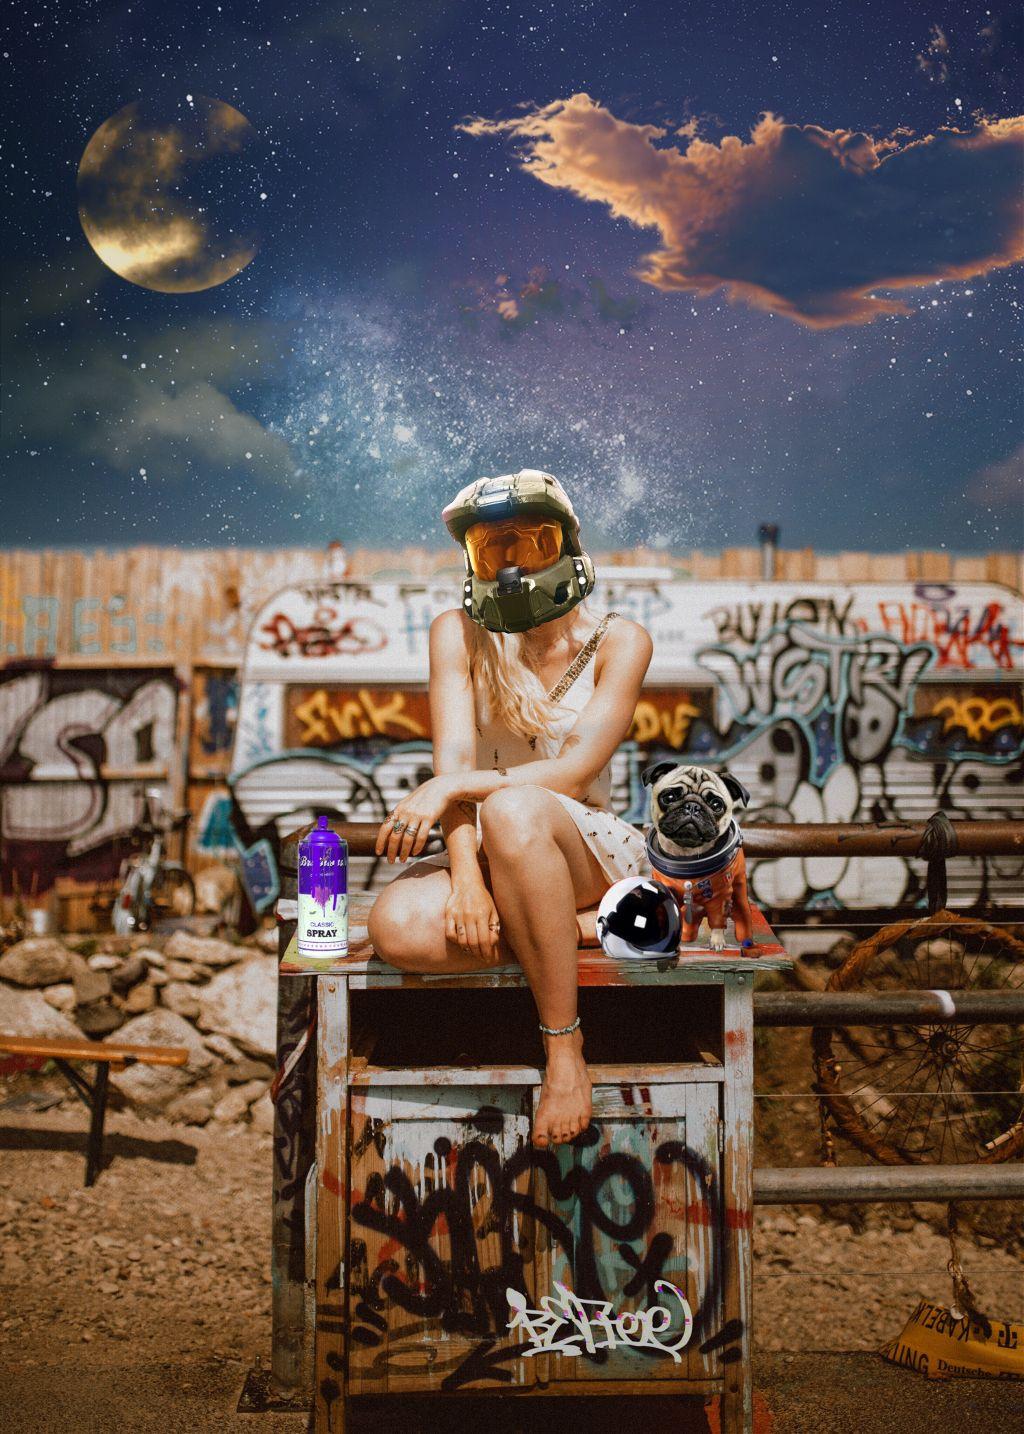 #freetoedit #befree#space#graffiti 🖤